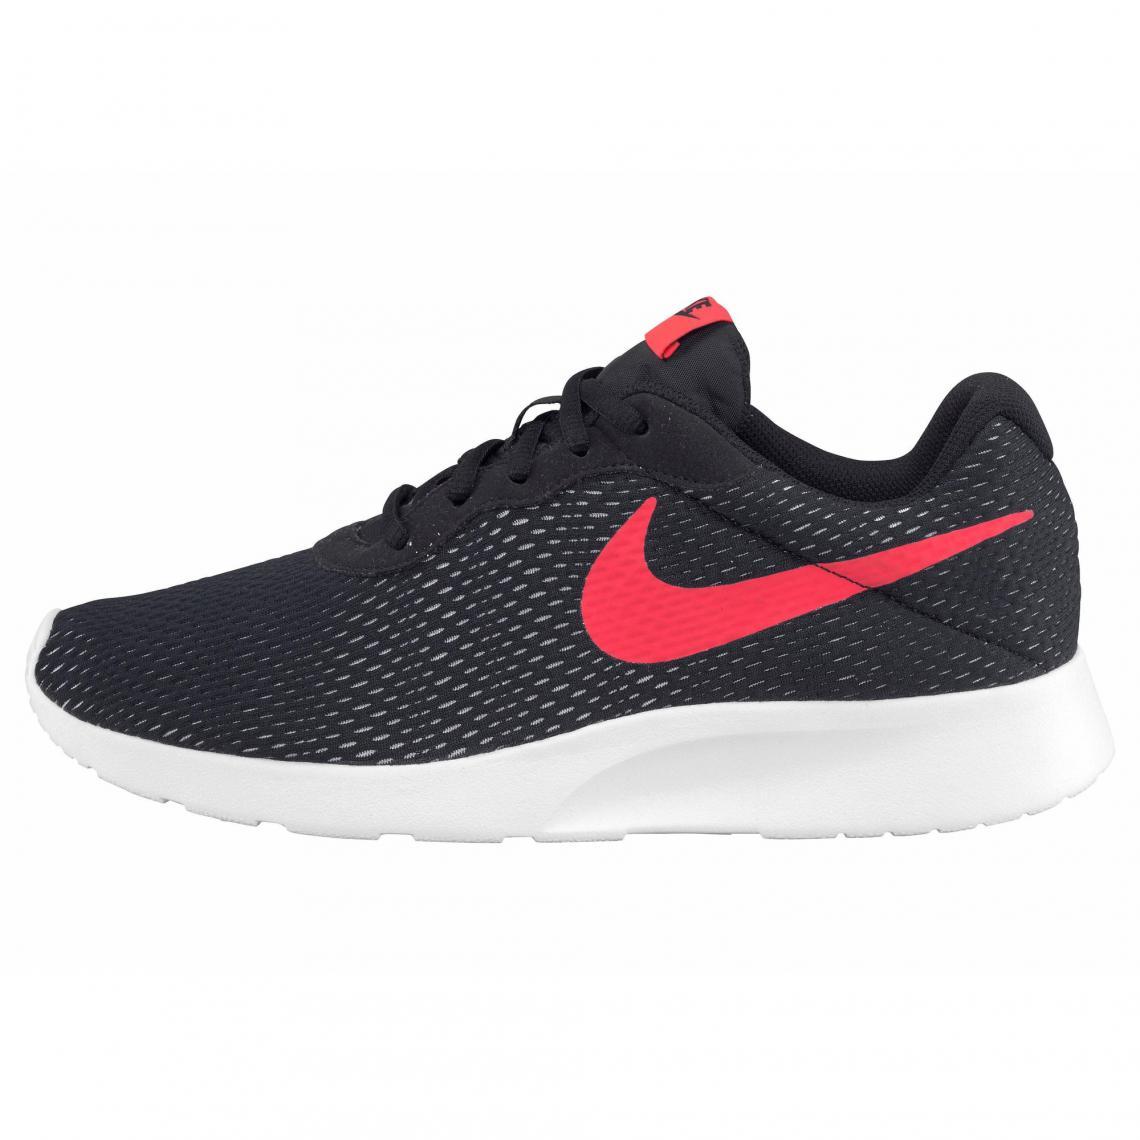 buy popular 89a26 f961f Sneaker homme NIKE Tanjun Se M - Noir - Rouge Nike Homme